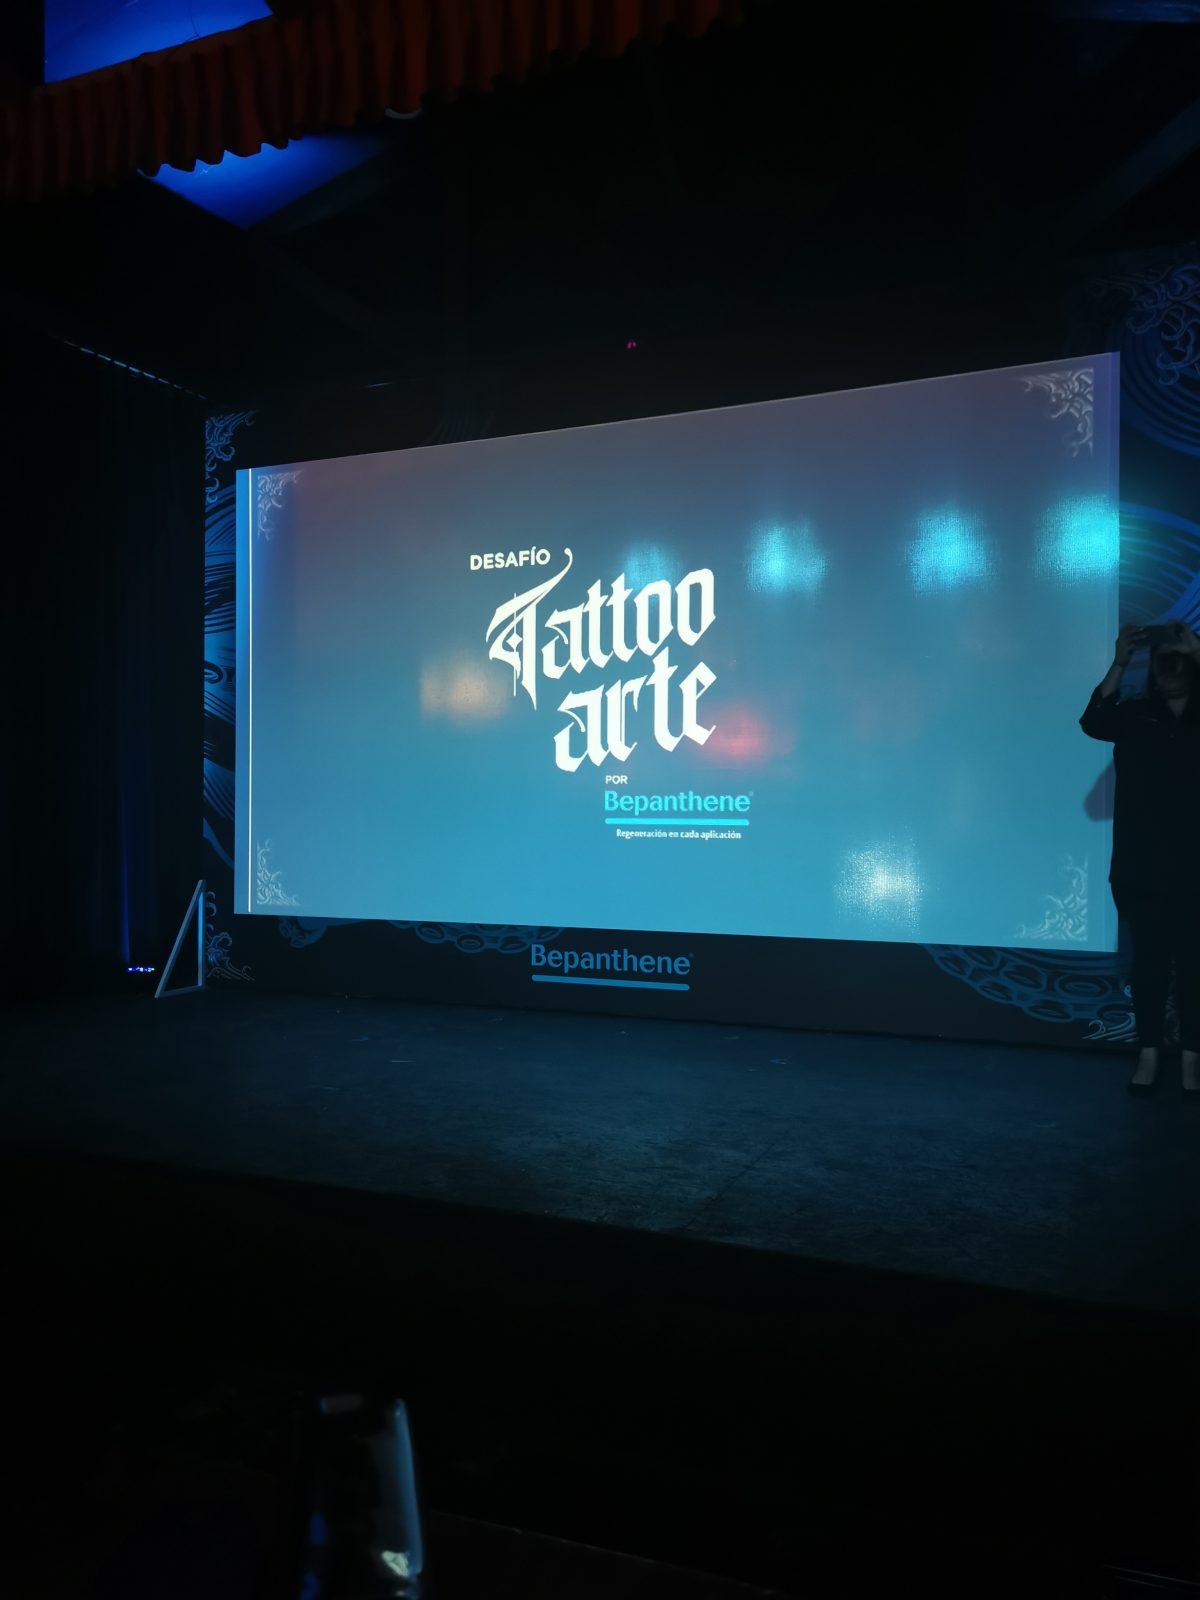 Bayer por medio de su producto Bepanthene anuncia el desafío Tattoo Arte